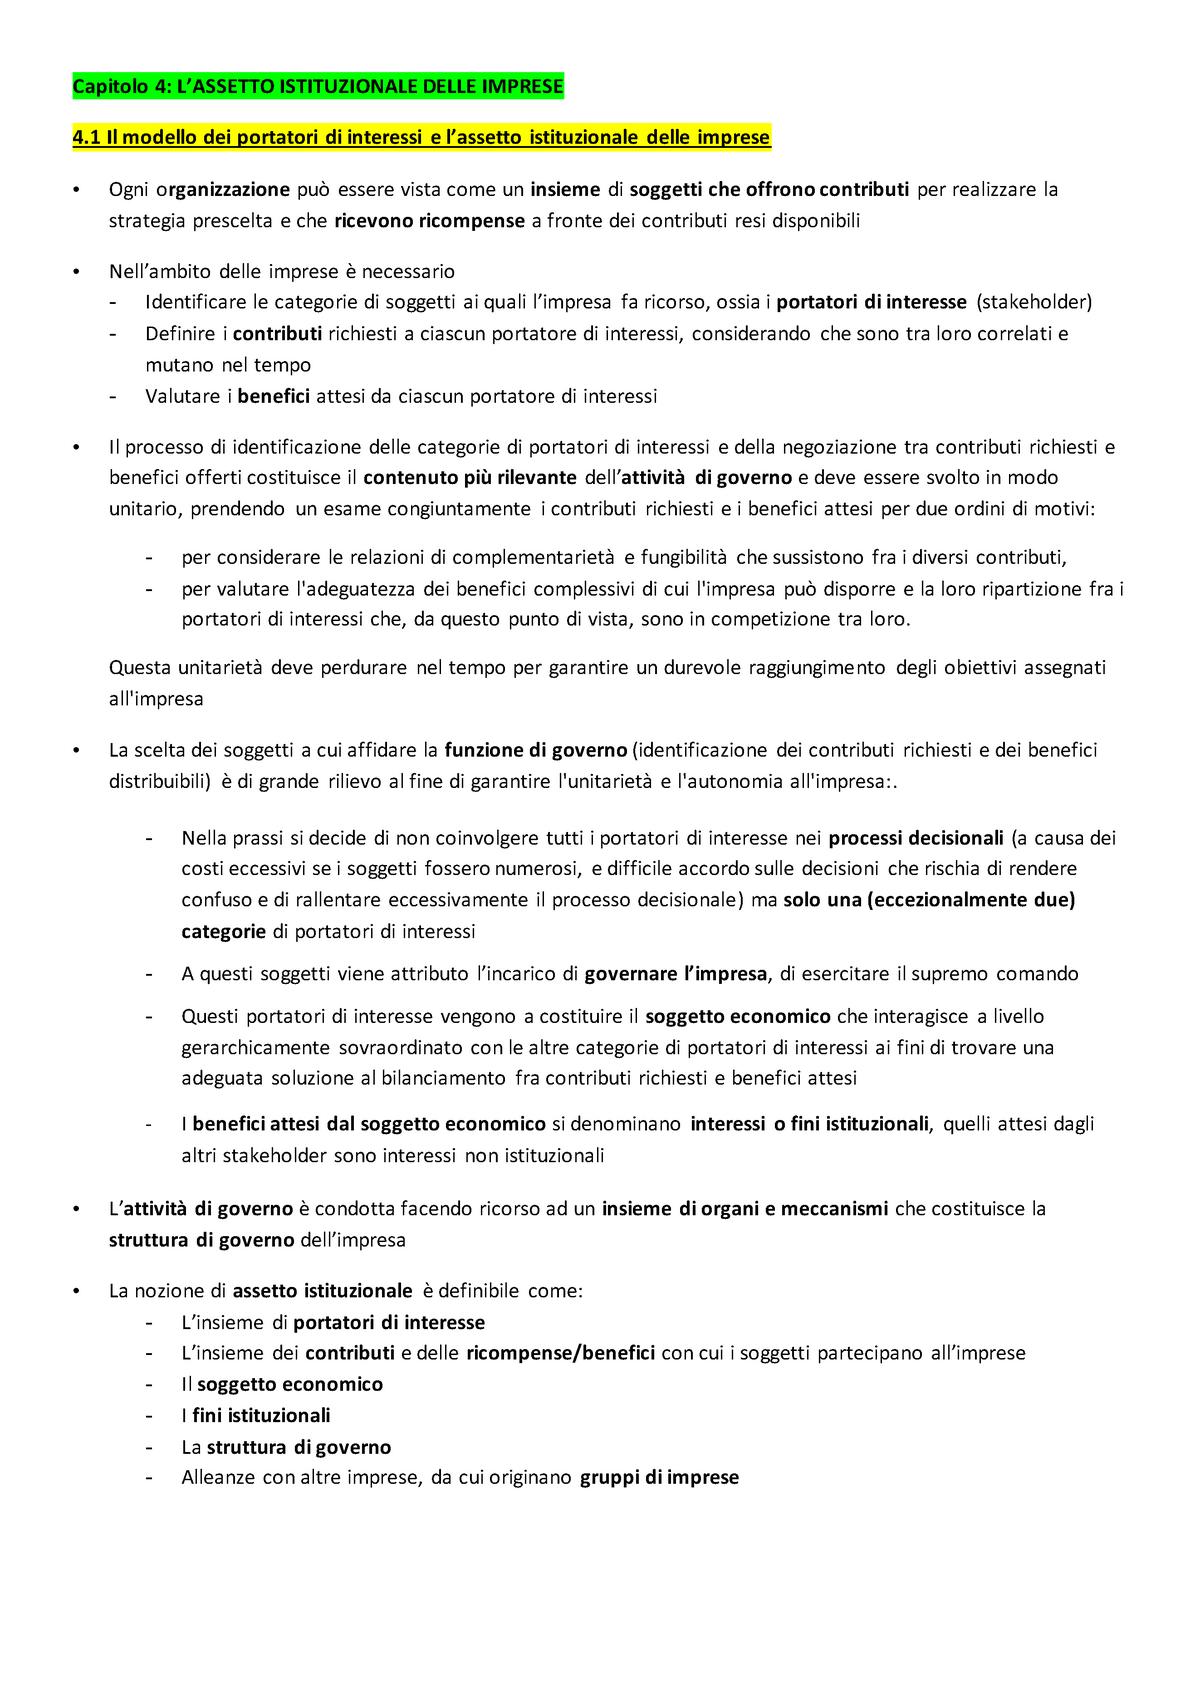 a9133cd0e2 Riassunto capitolo 4 Lezioni di Economia Aziendale di E. - StuDocu